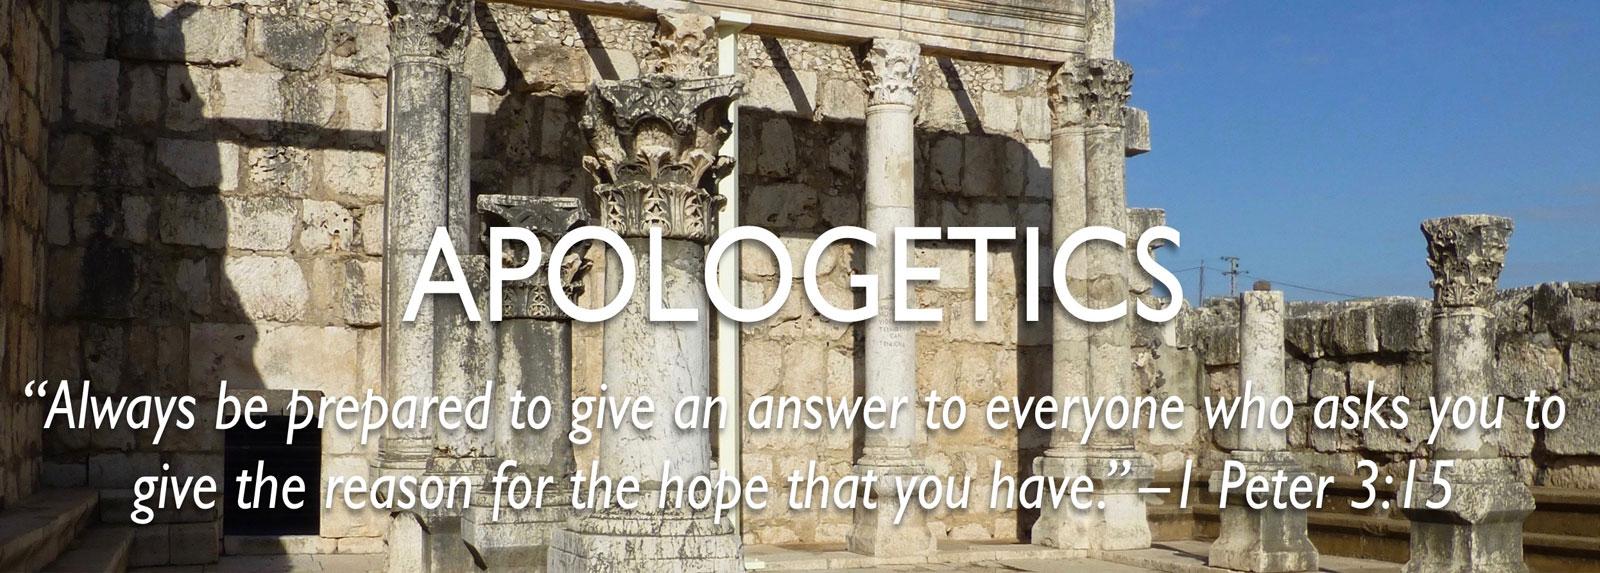 Category: Apologetics